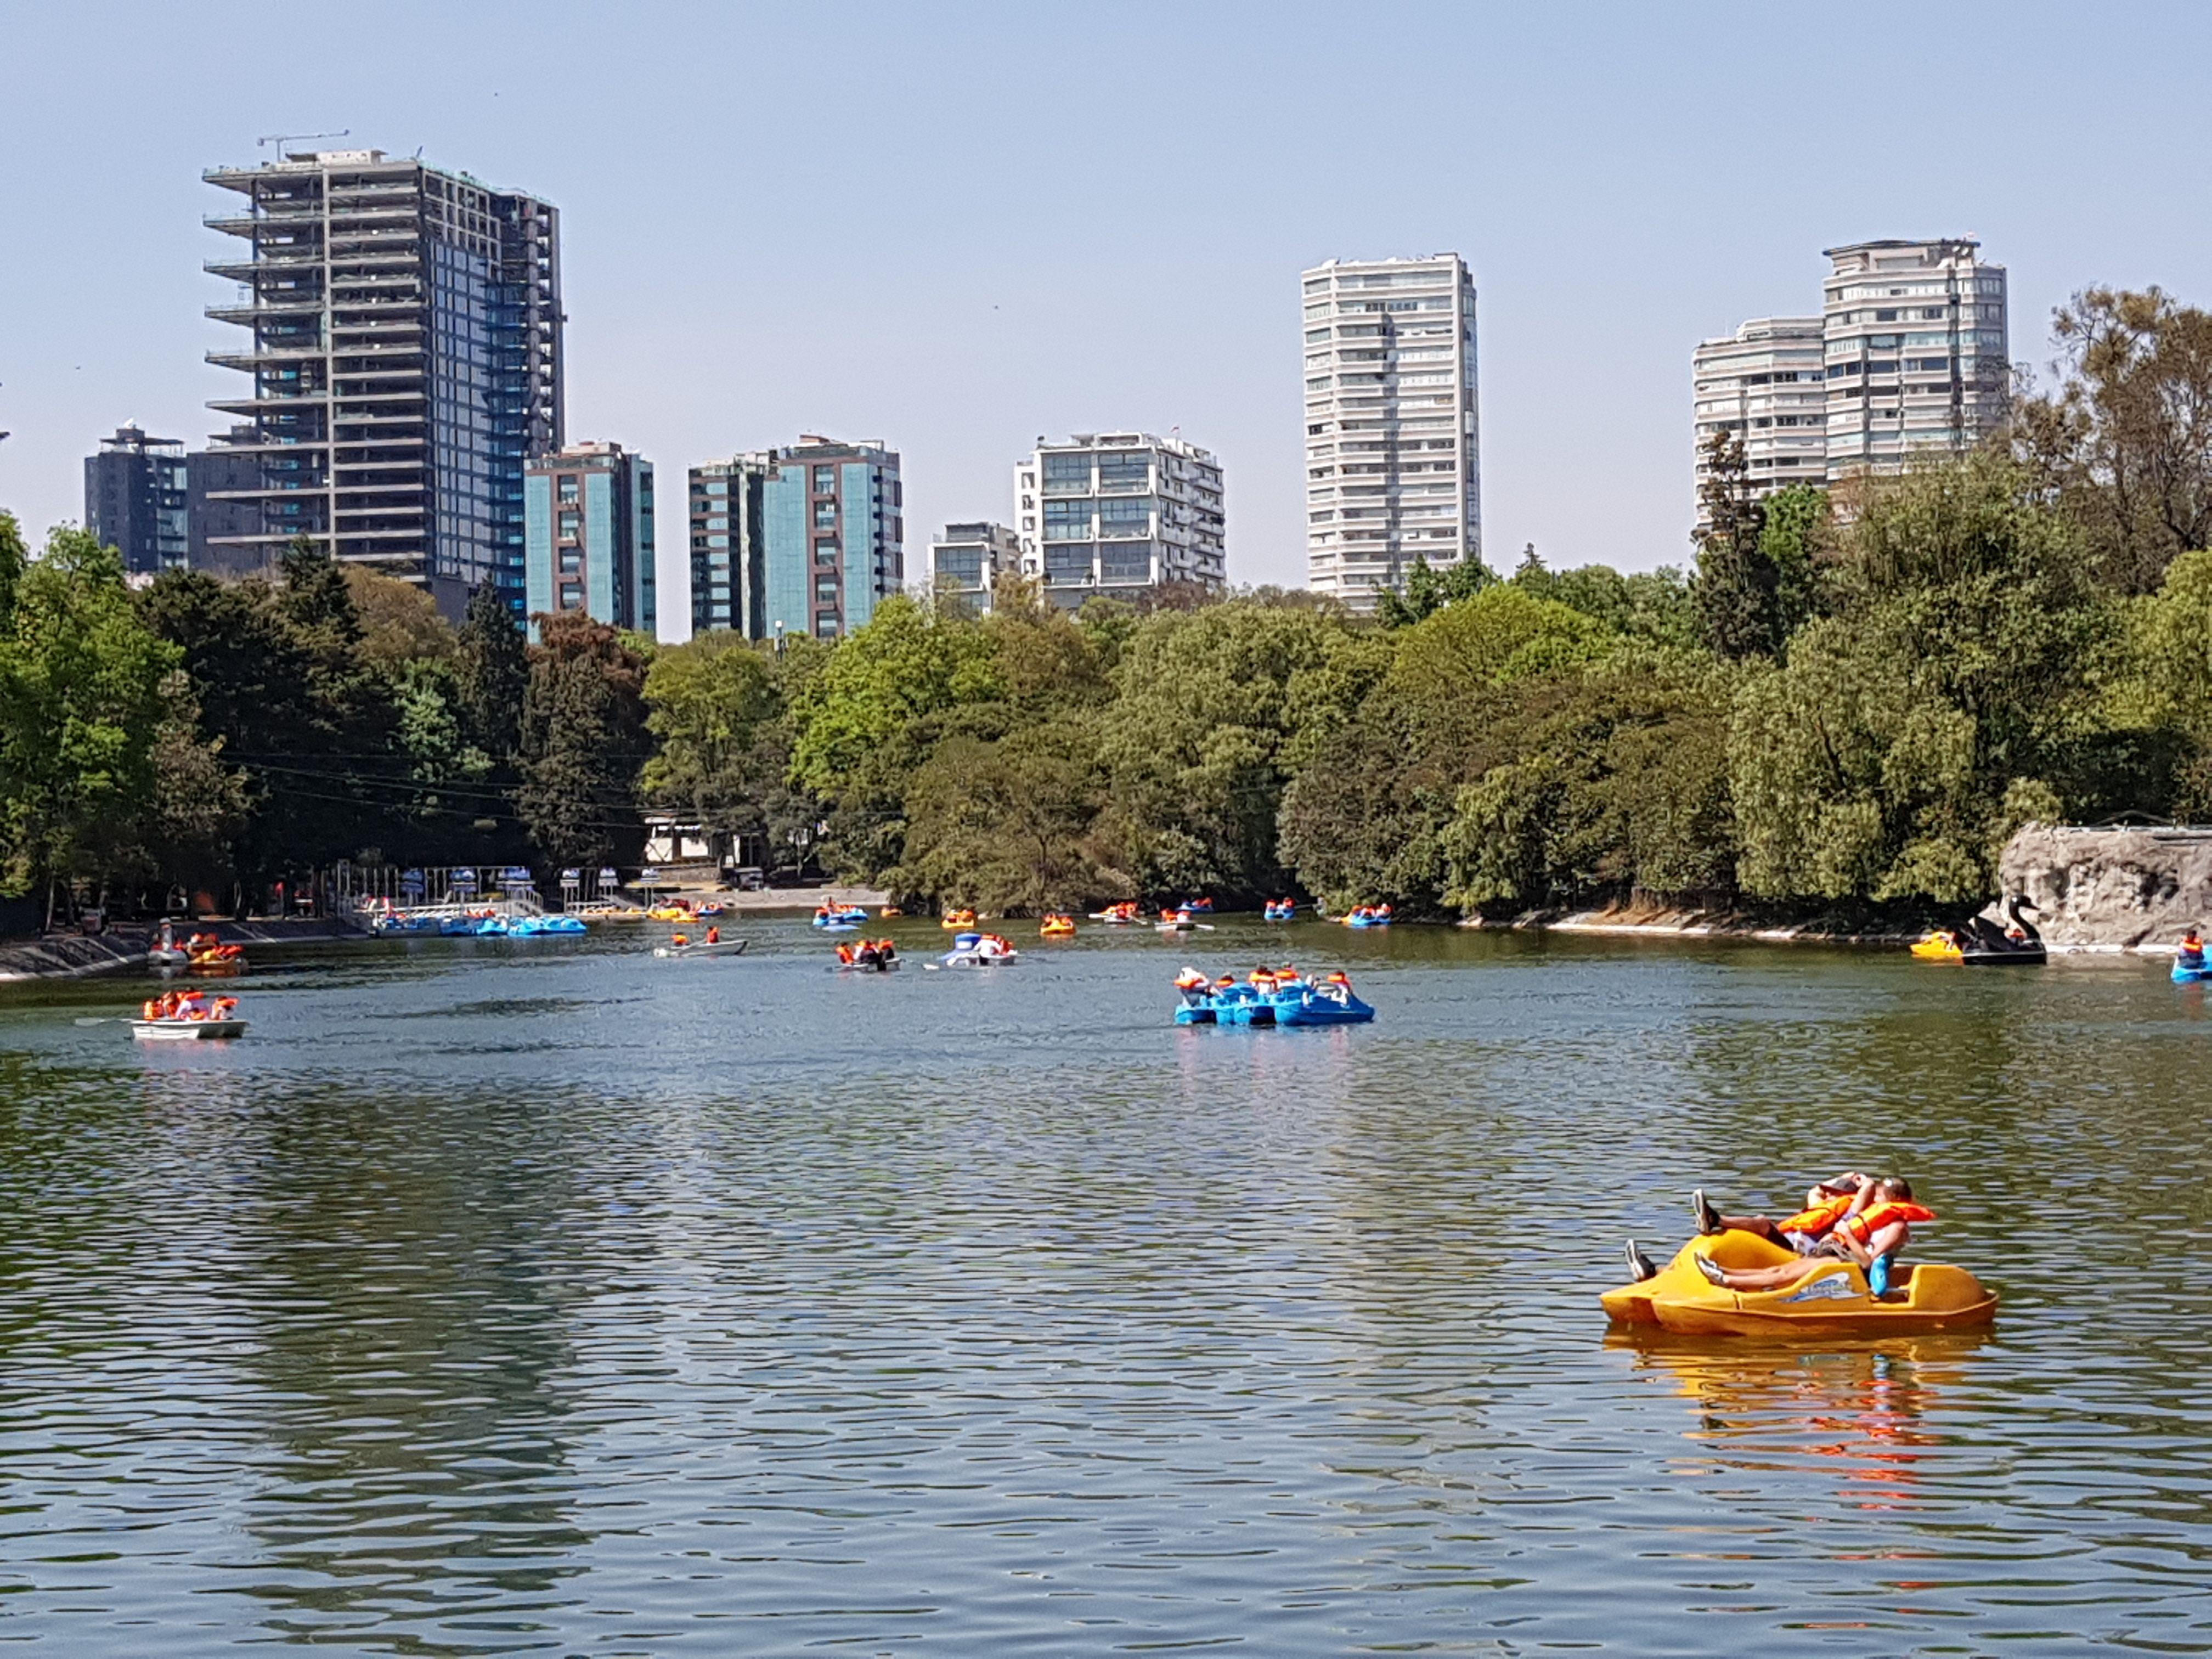 ¿Qué hacer en Chapultepec? El parque con museos, lagos y un castillo